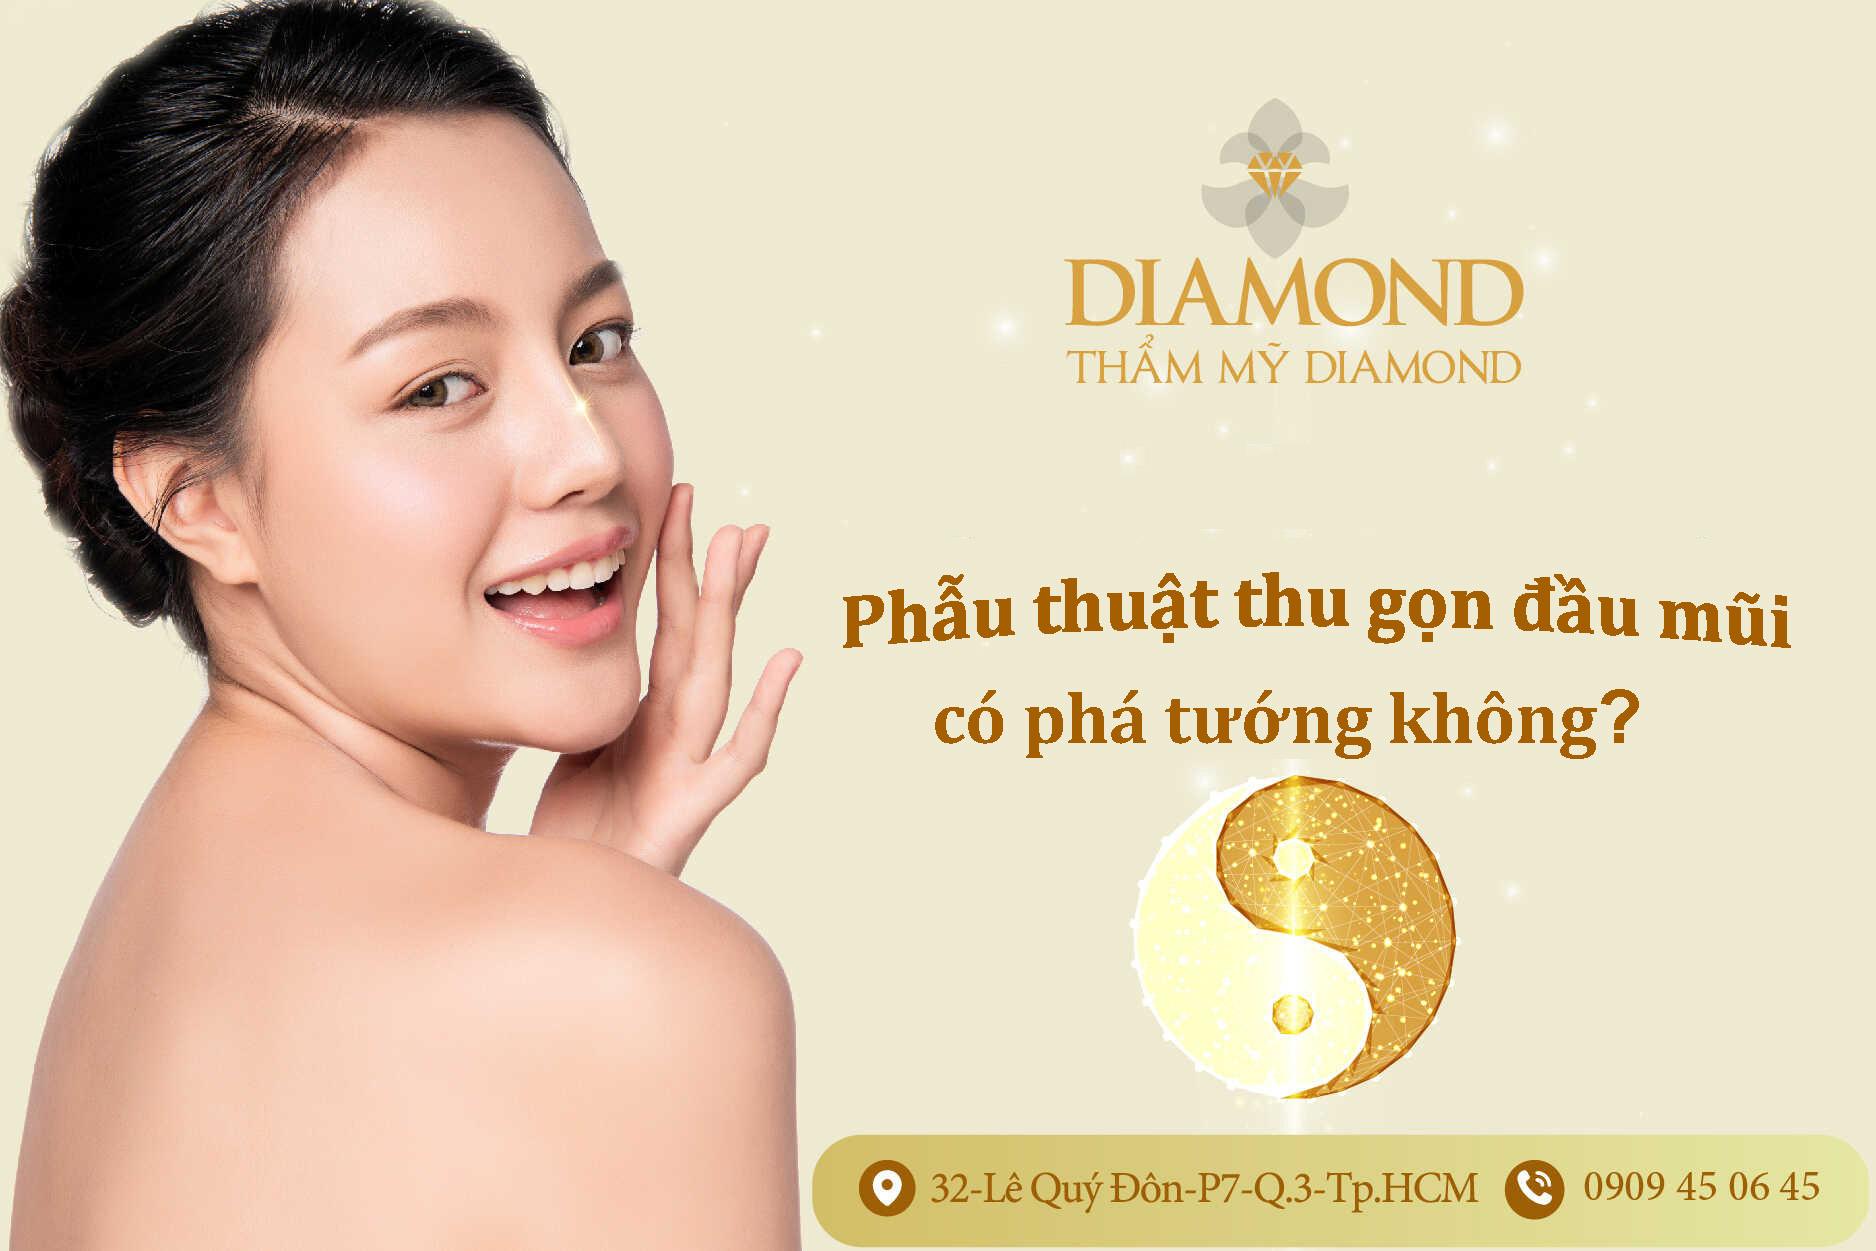 thu-gon-dau-mui-co-pha-tuong-khong